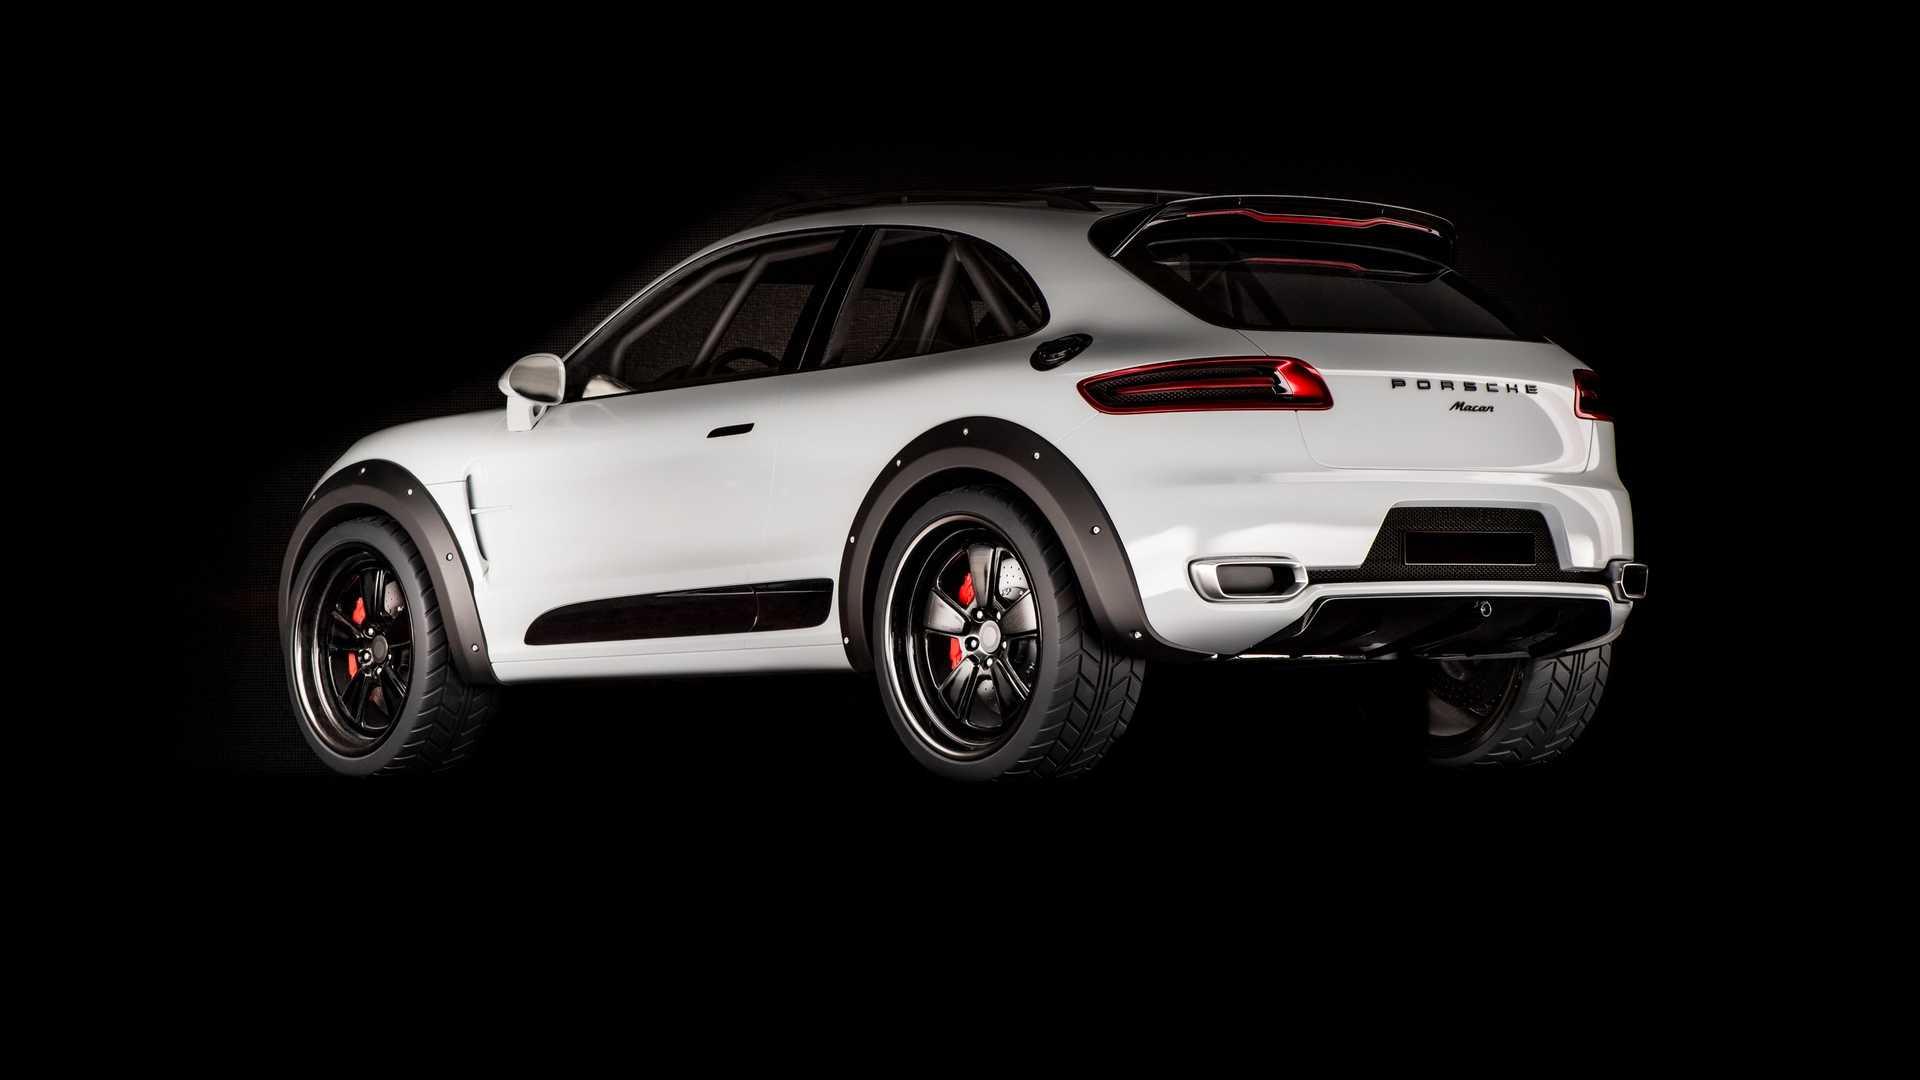 Porsche-Macan-Safari-4